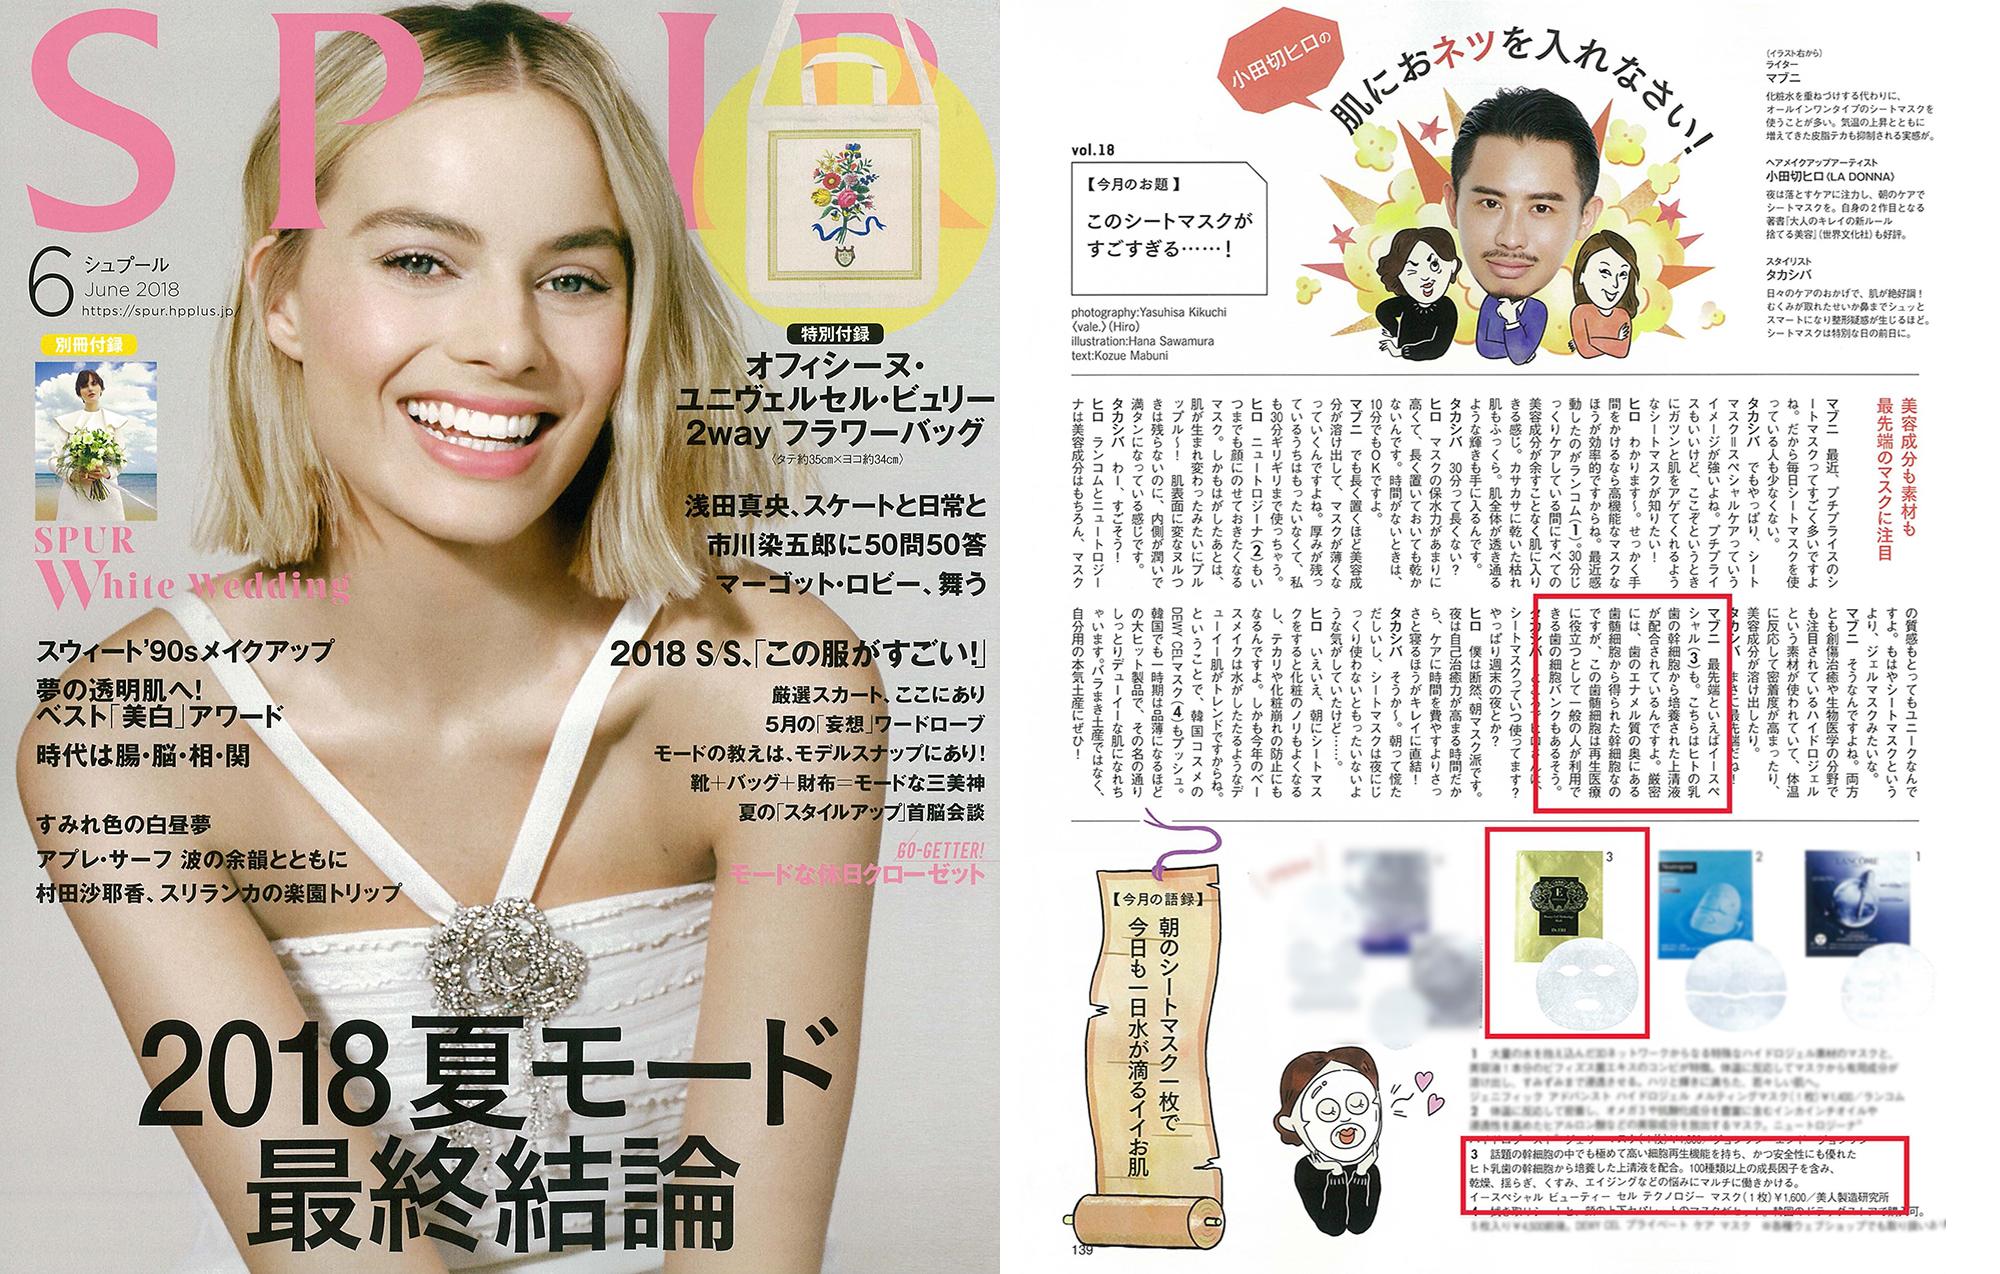 『SPUR』2018年6号にて、美人製造研究所「イースペシャル ビューティ セル テクノロジー マスク 」が掲載されました イメージ